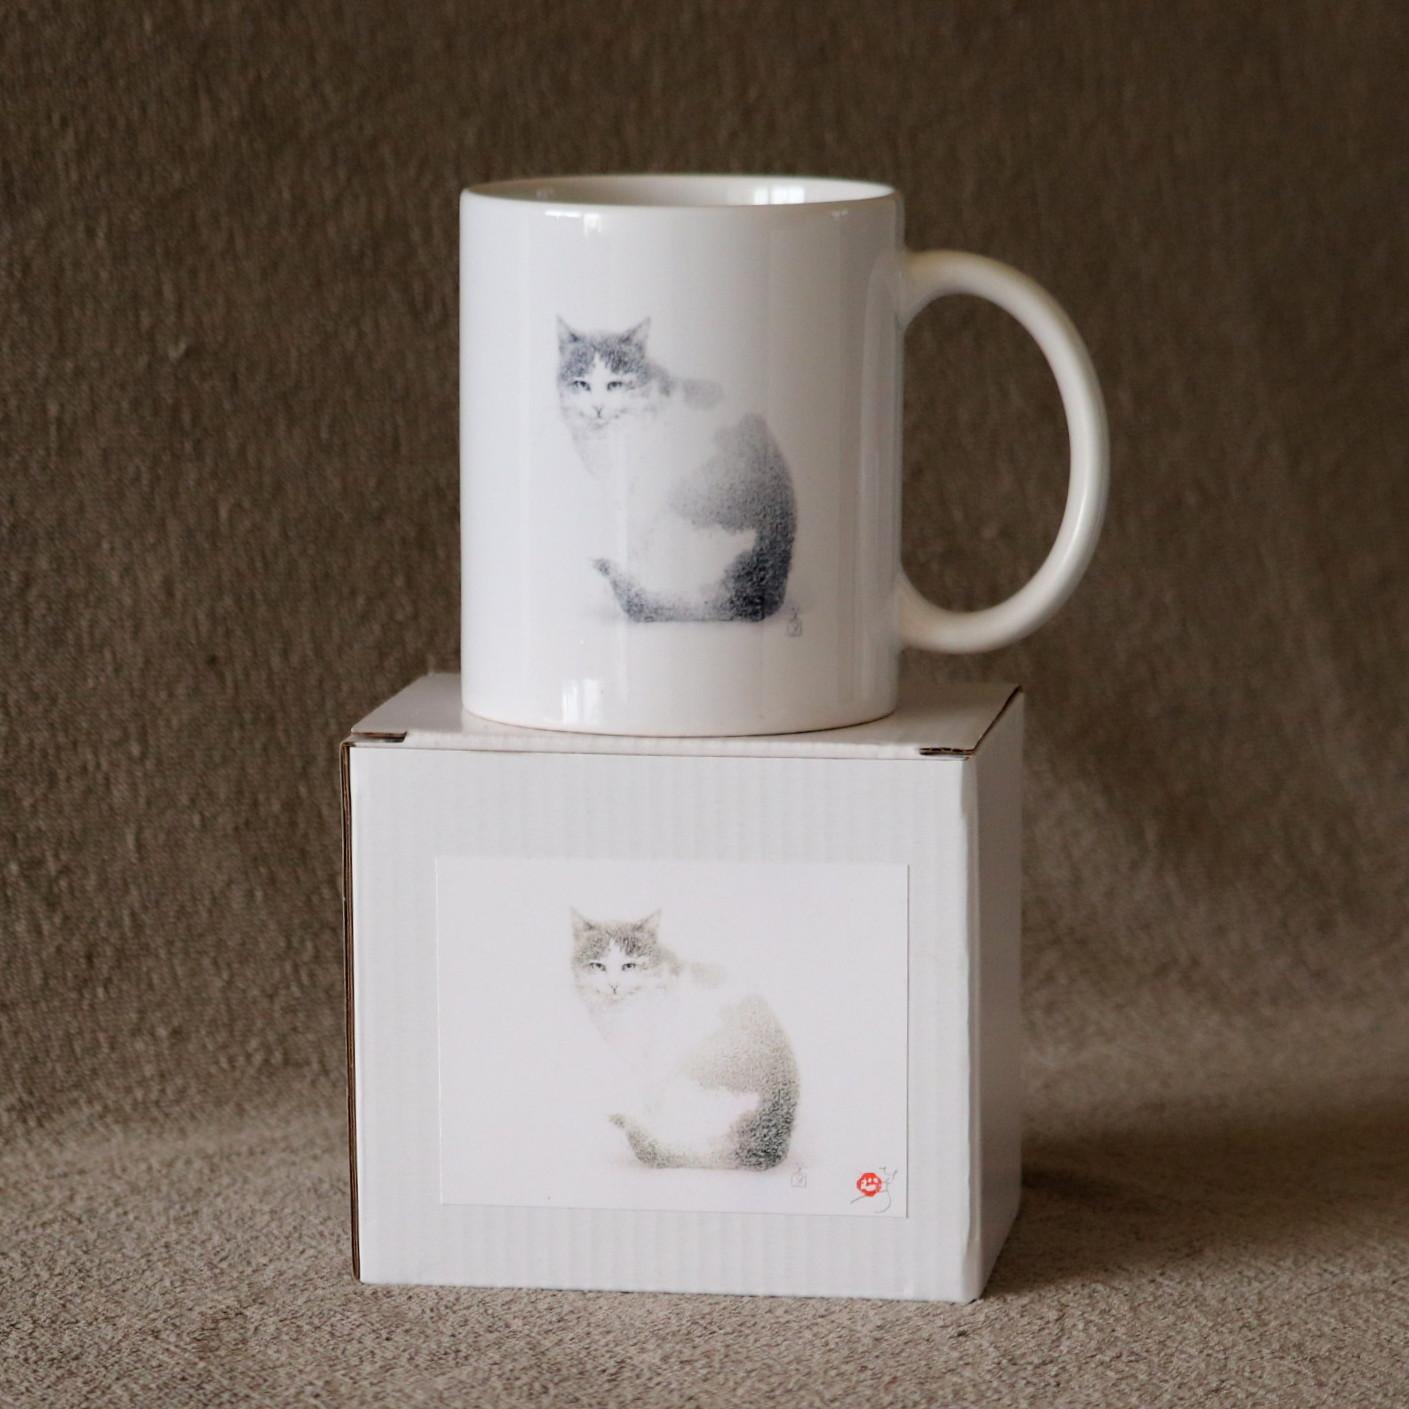 《 画室《游》 オリジナルイラストマグカップ   その 1 》_f0159856_10454118.jpg